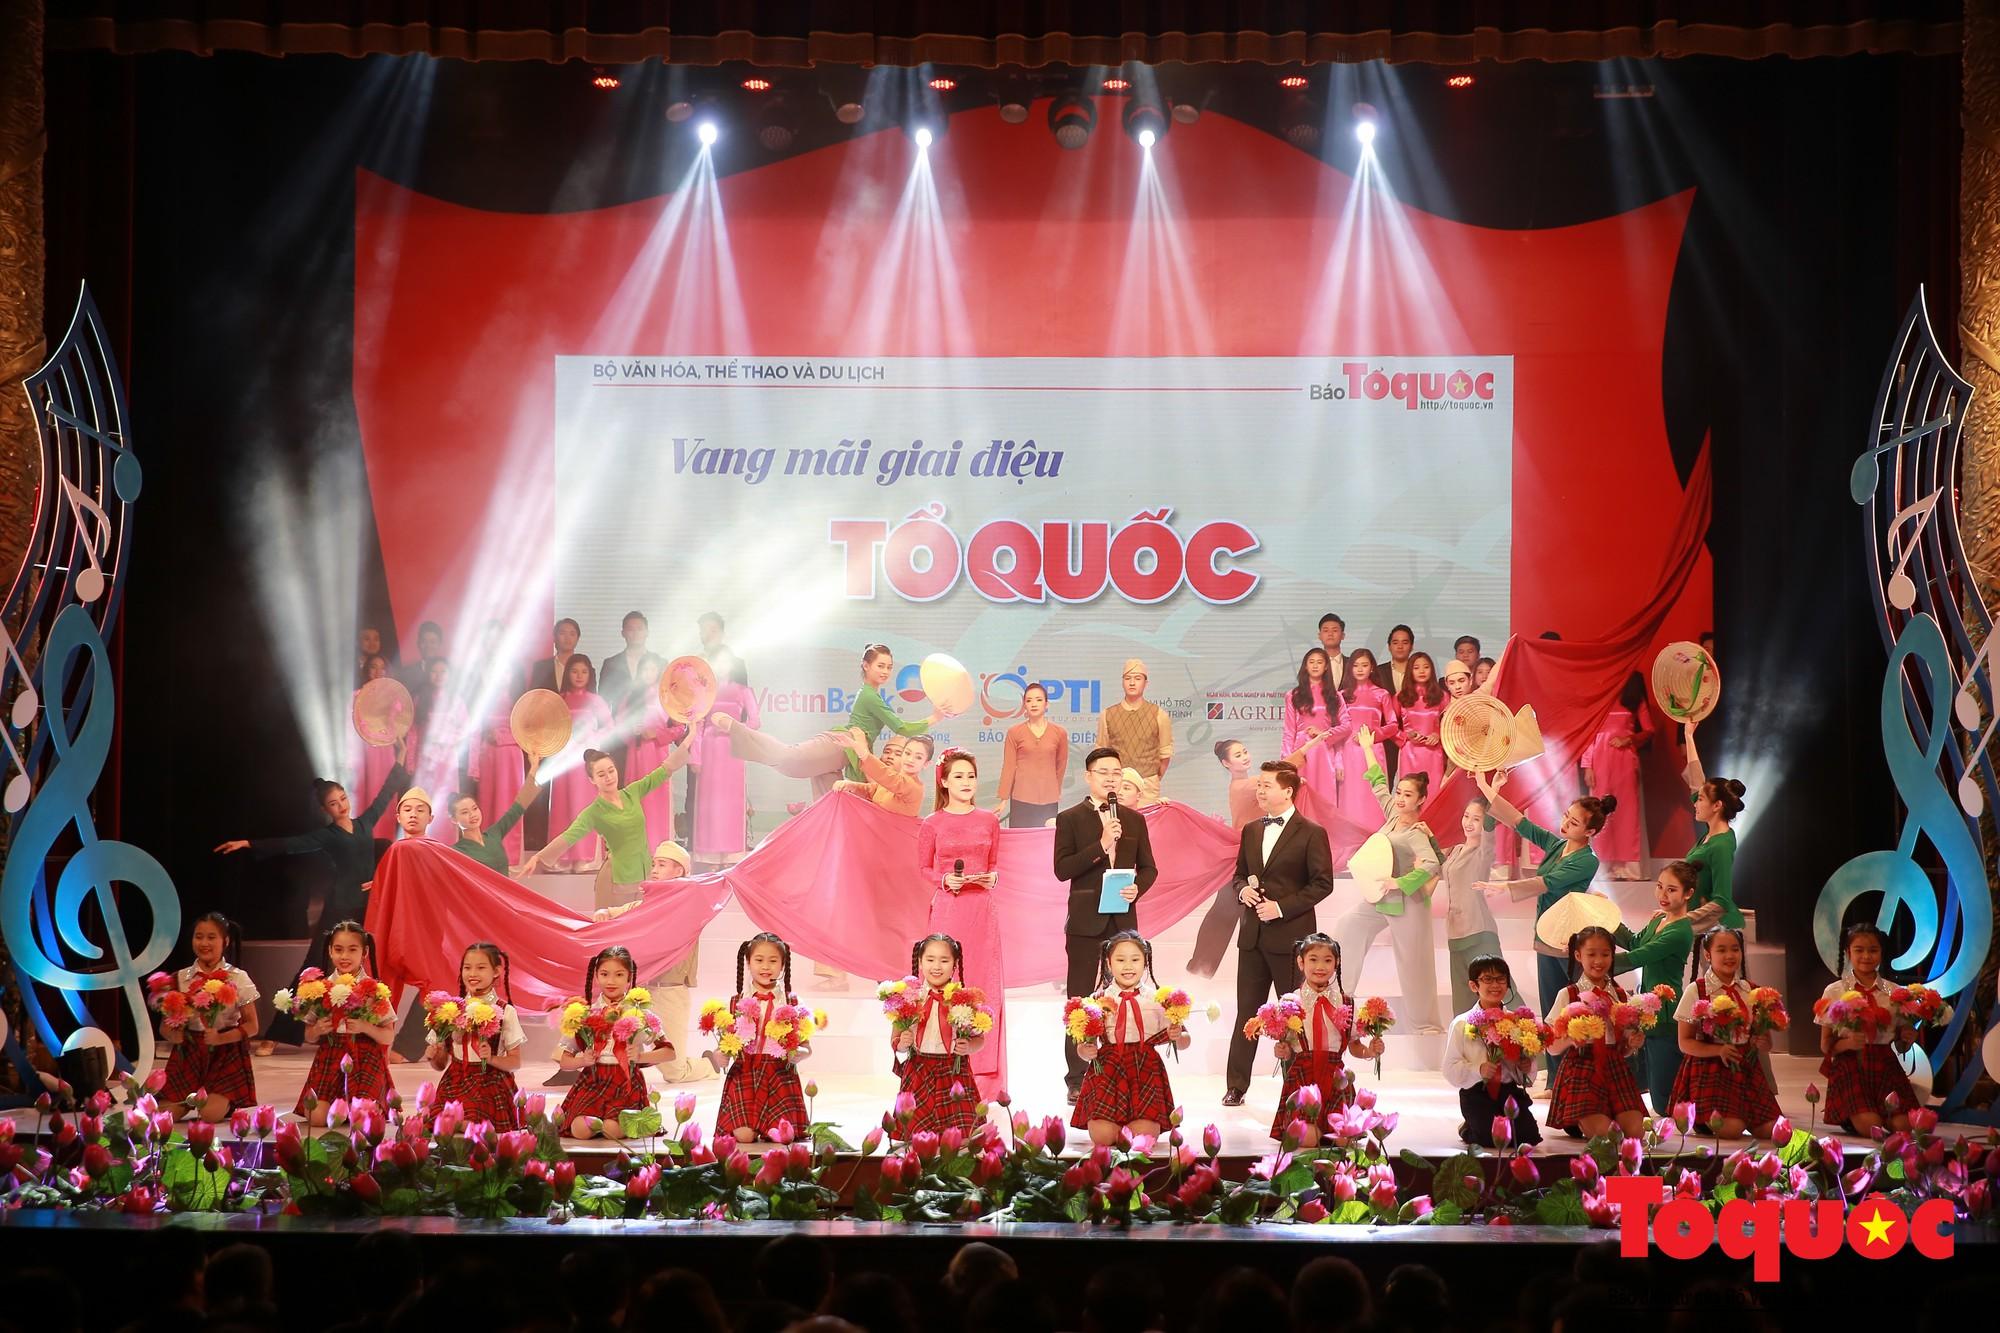 vang mai giai dieu to quoc 2017 (4)